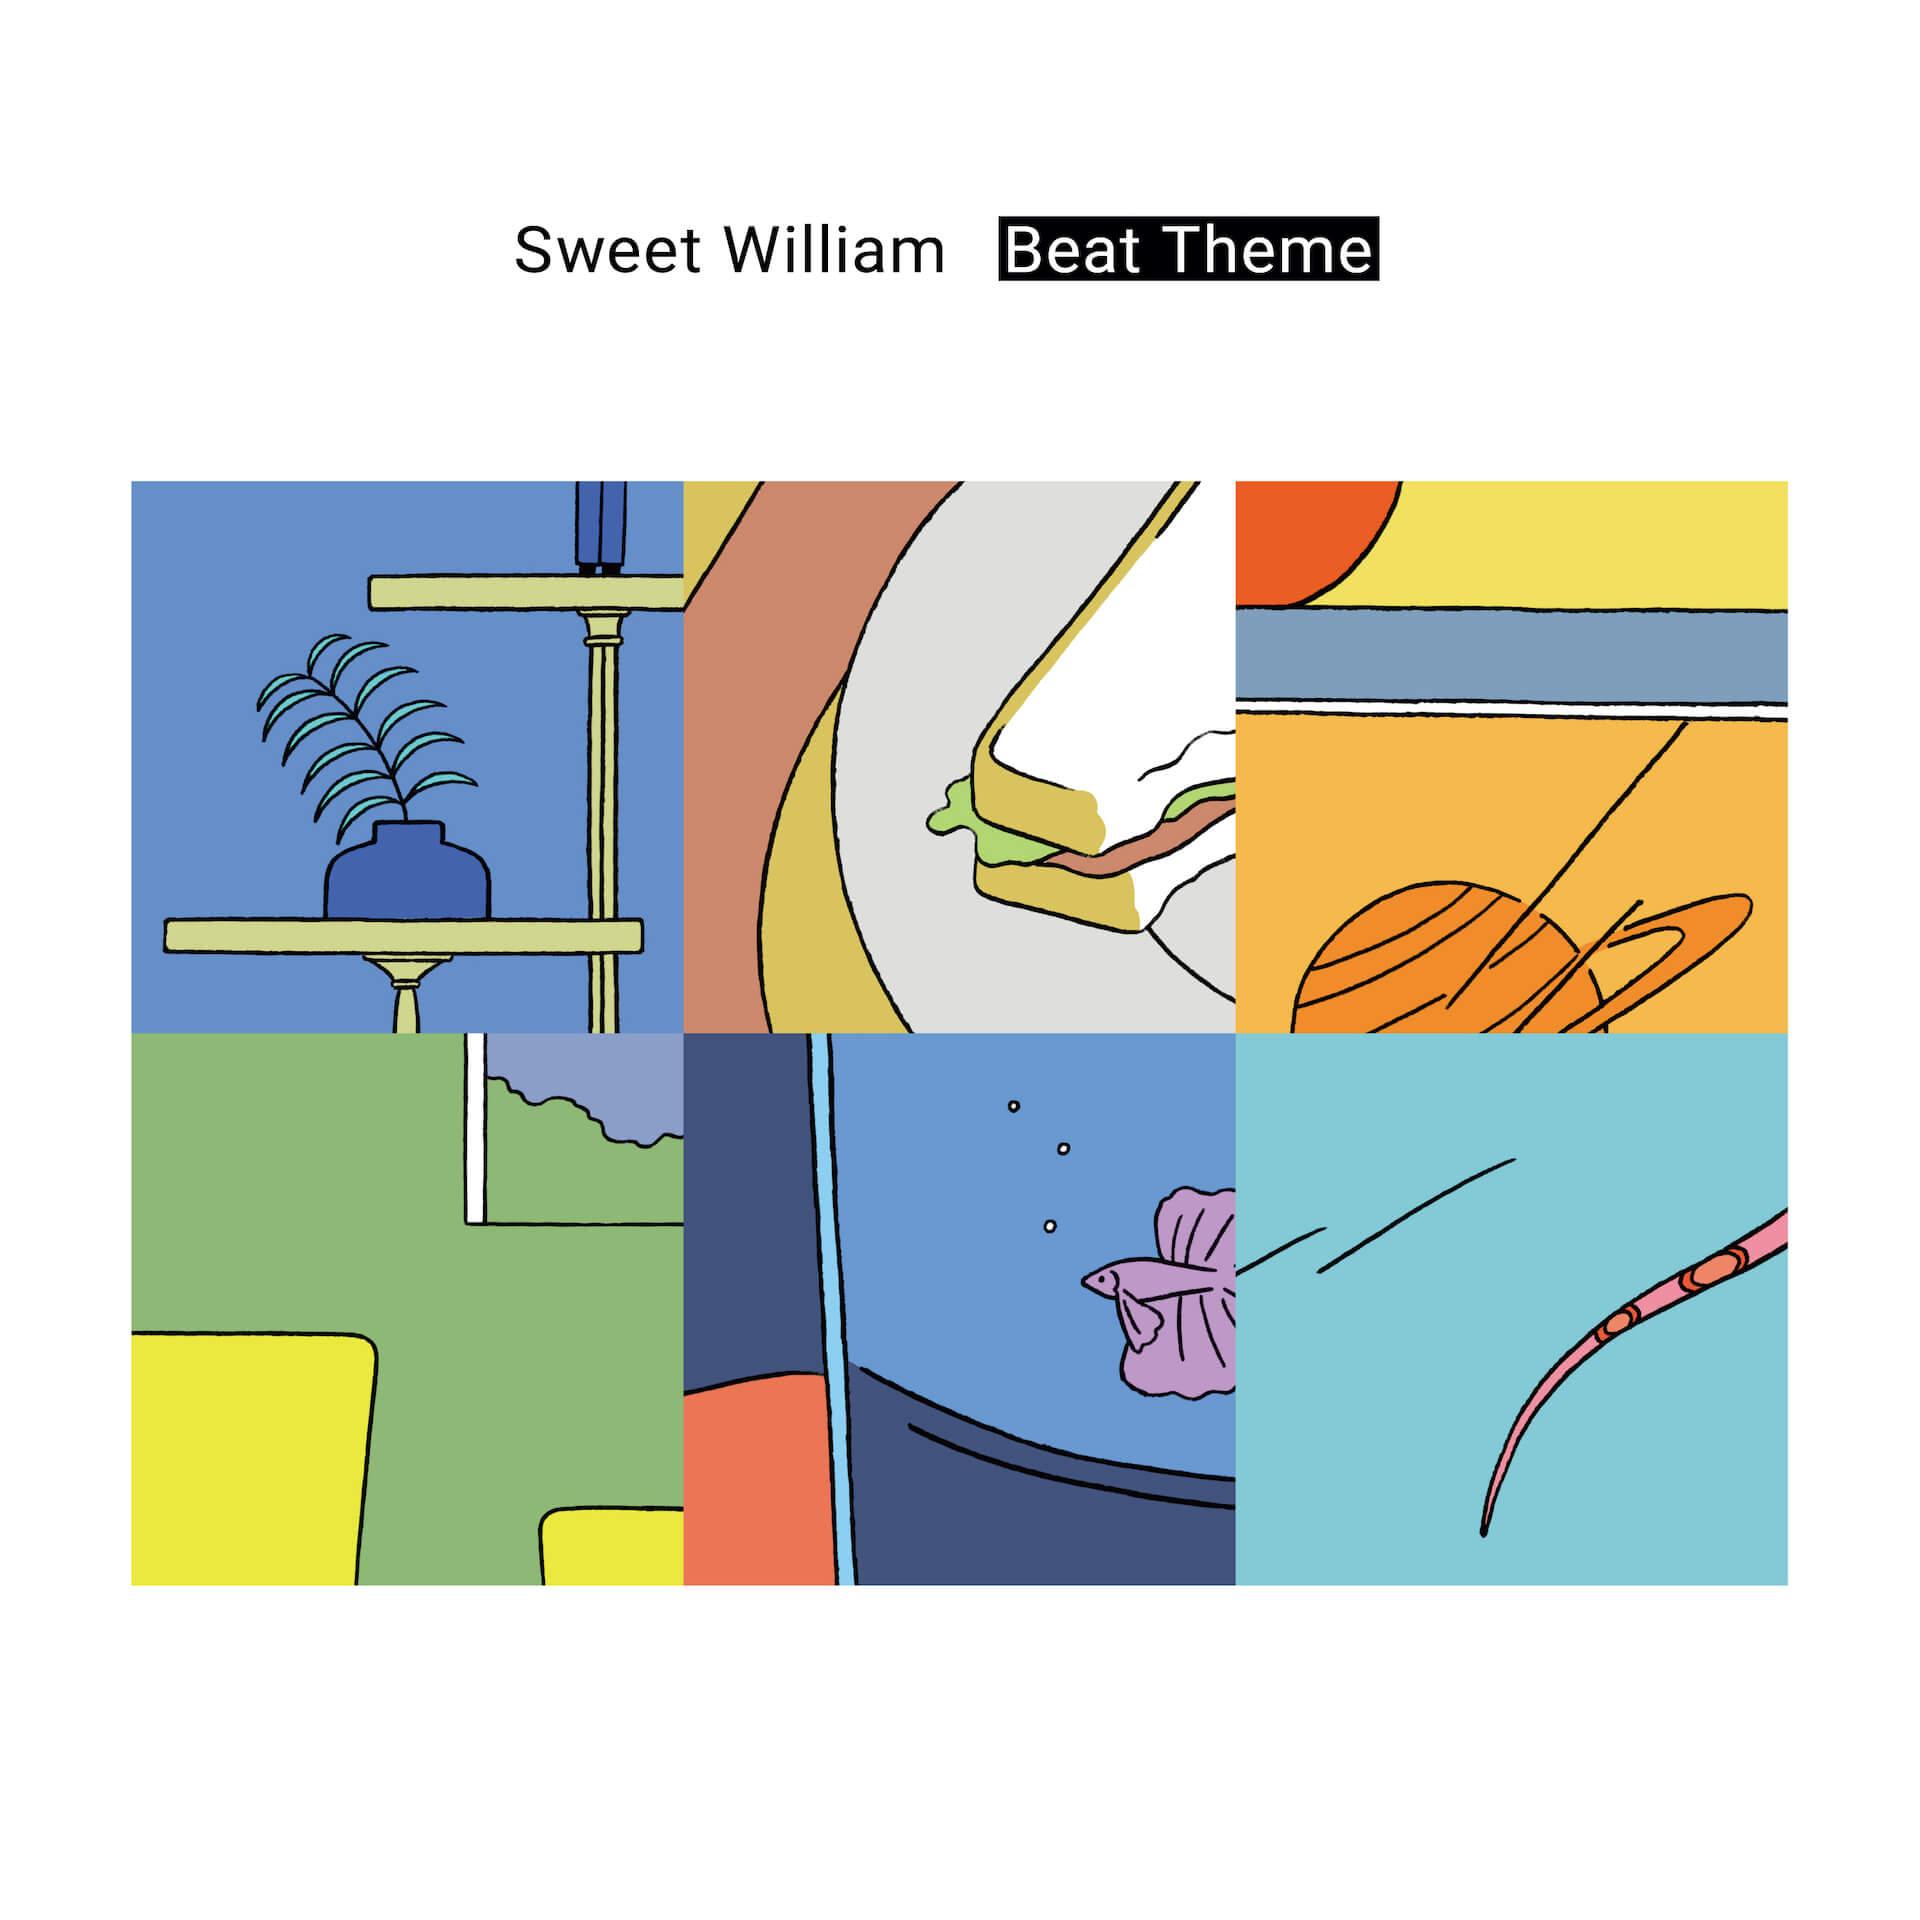 Sweet William新作アルバム『Beat Theme』が本日発売&全曲ループアニメーションも公開! 02-cd-jacket